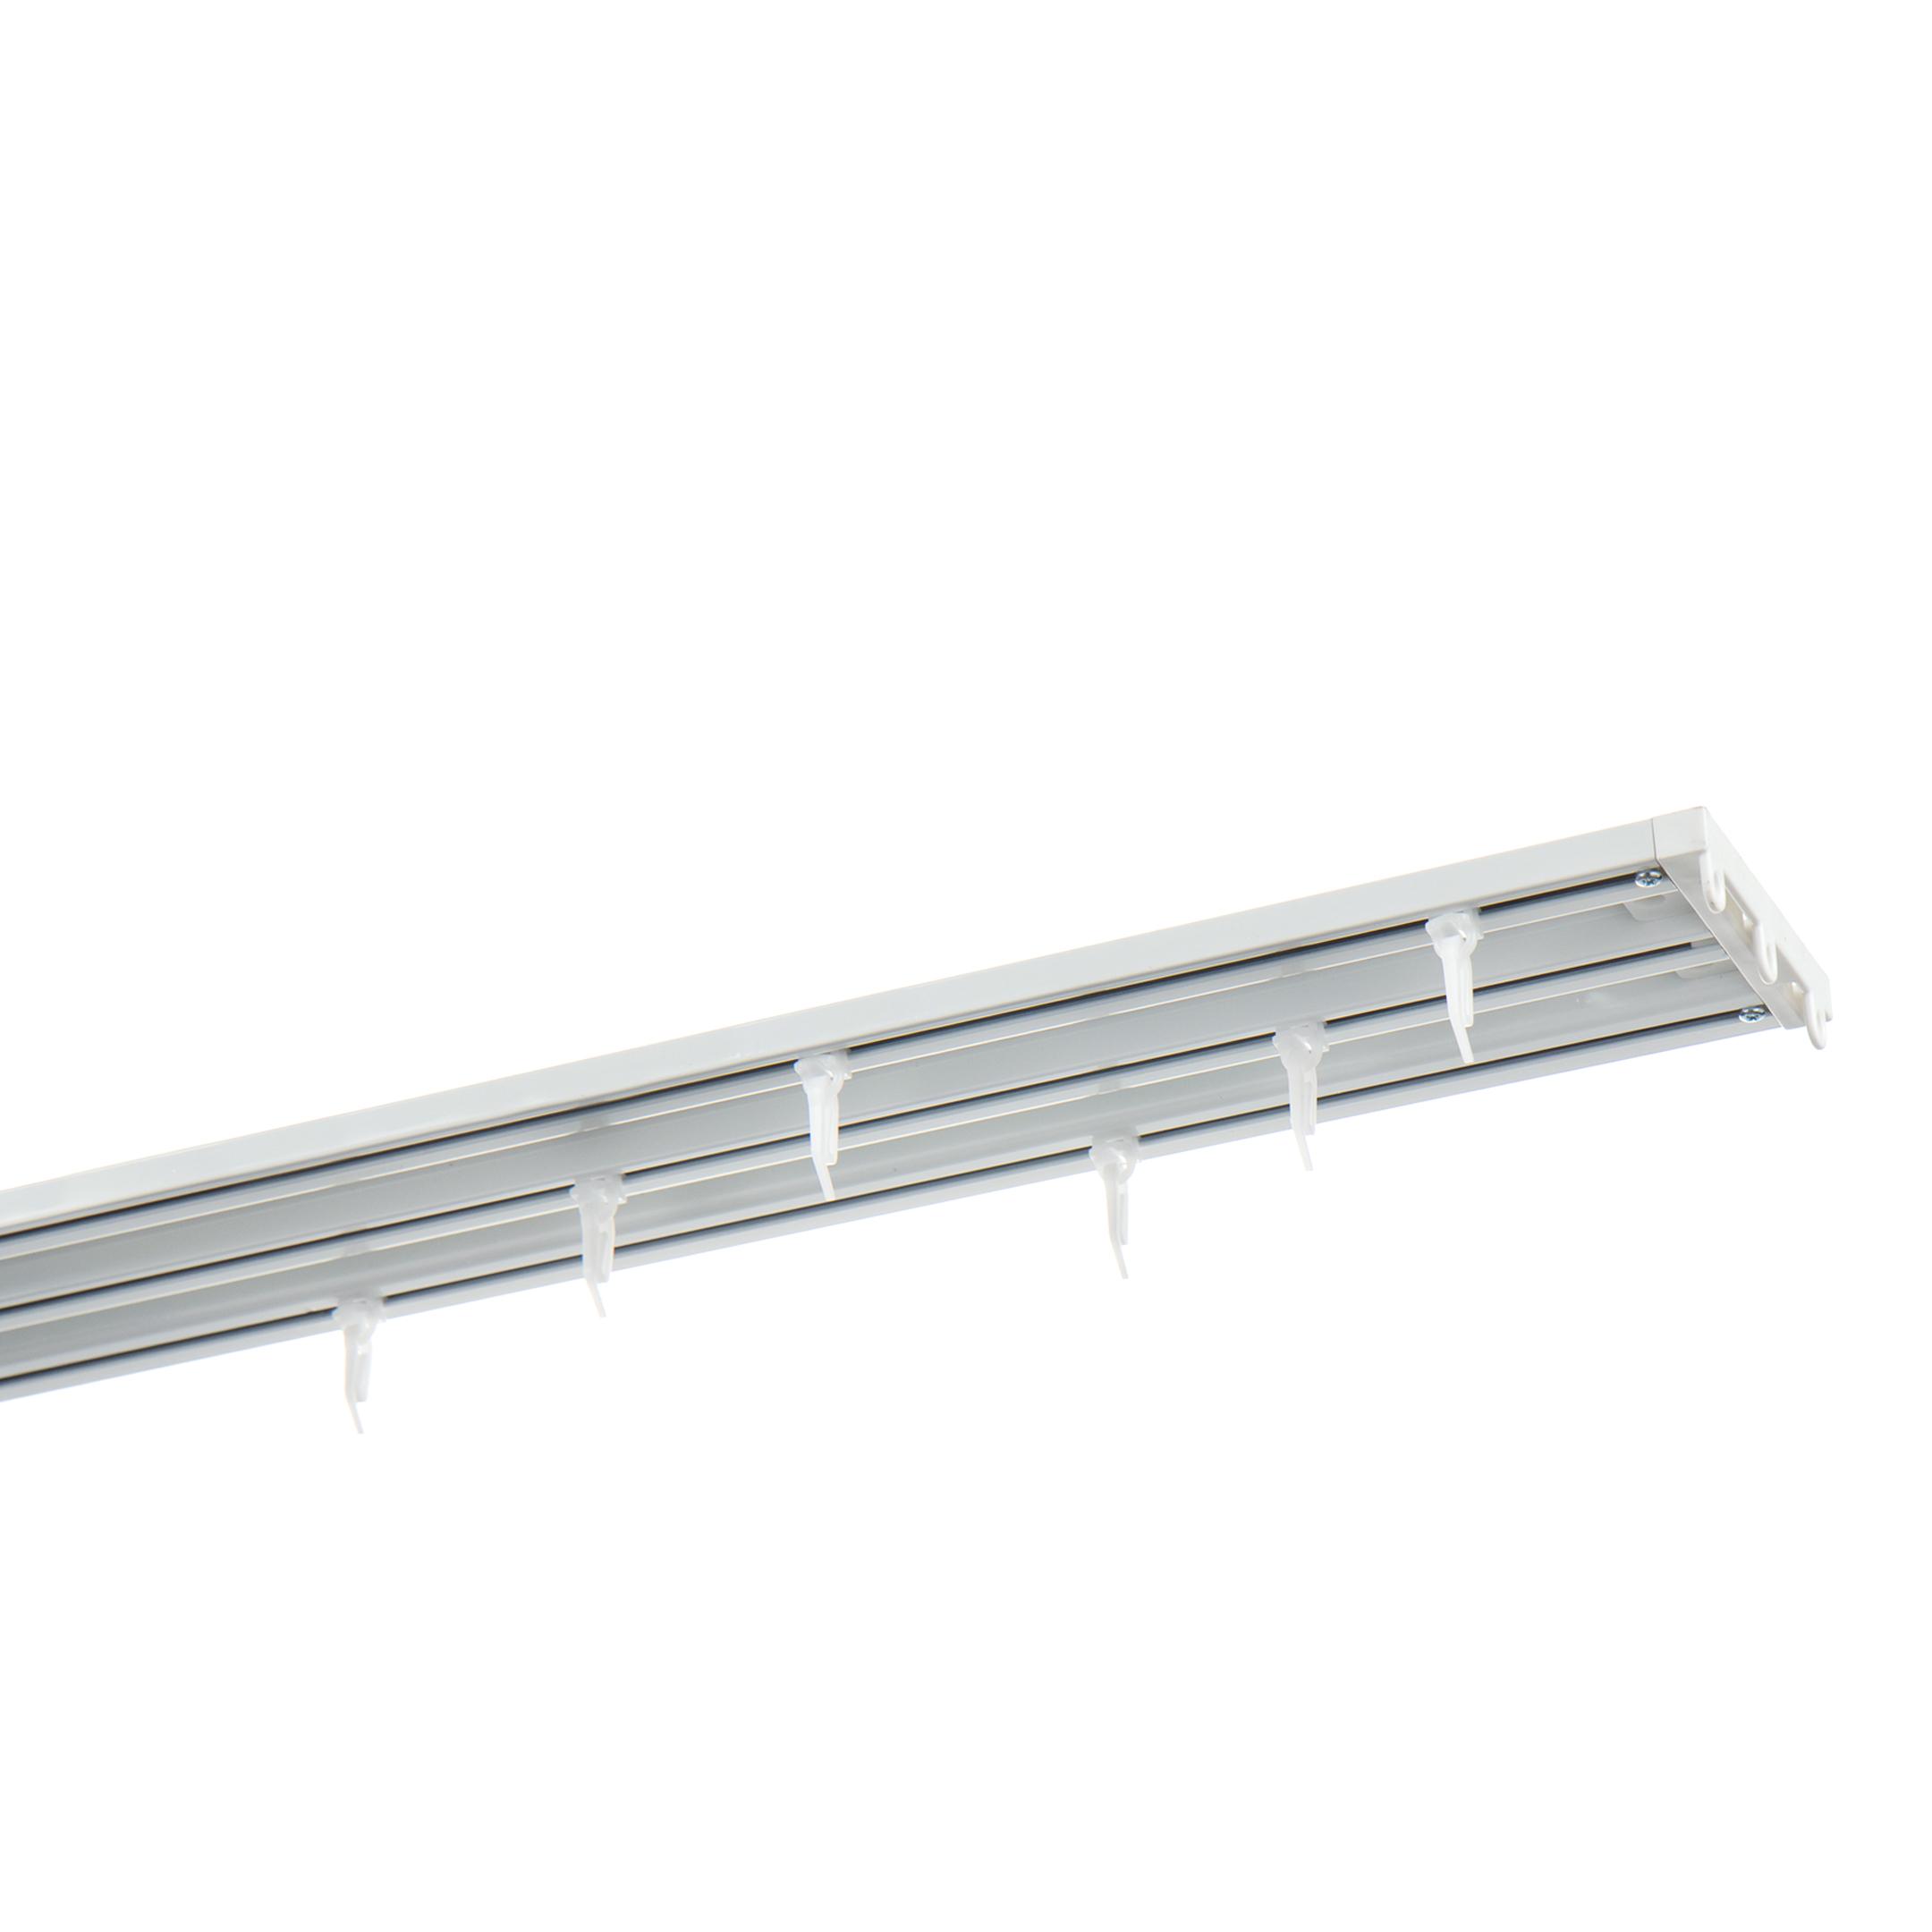 Фото - Карниз потолочный алюминиевый трехрядный 160 см белый бегунок производитель hans pries 300124755